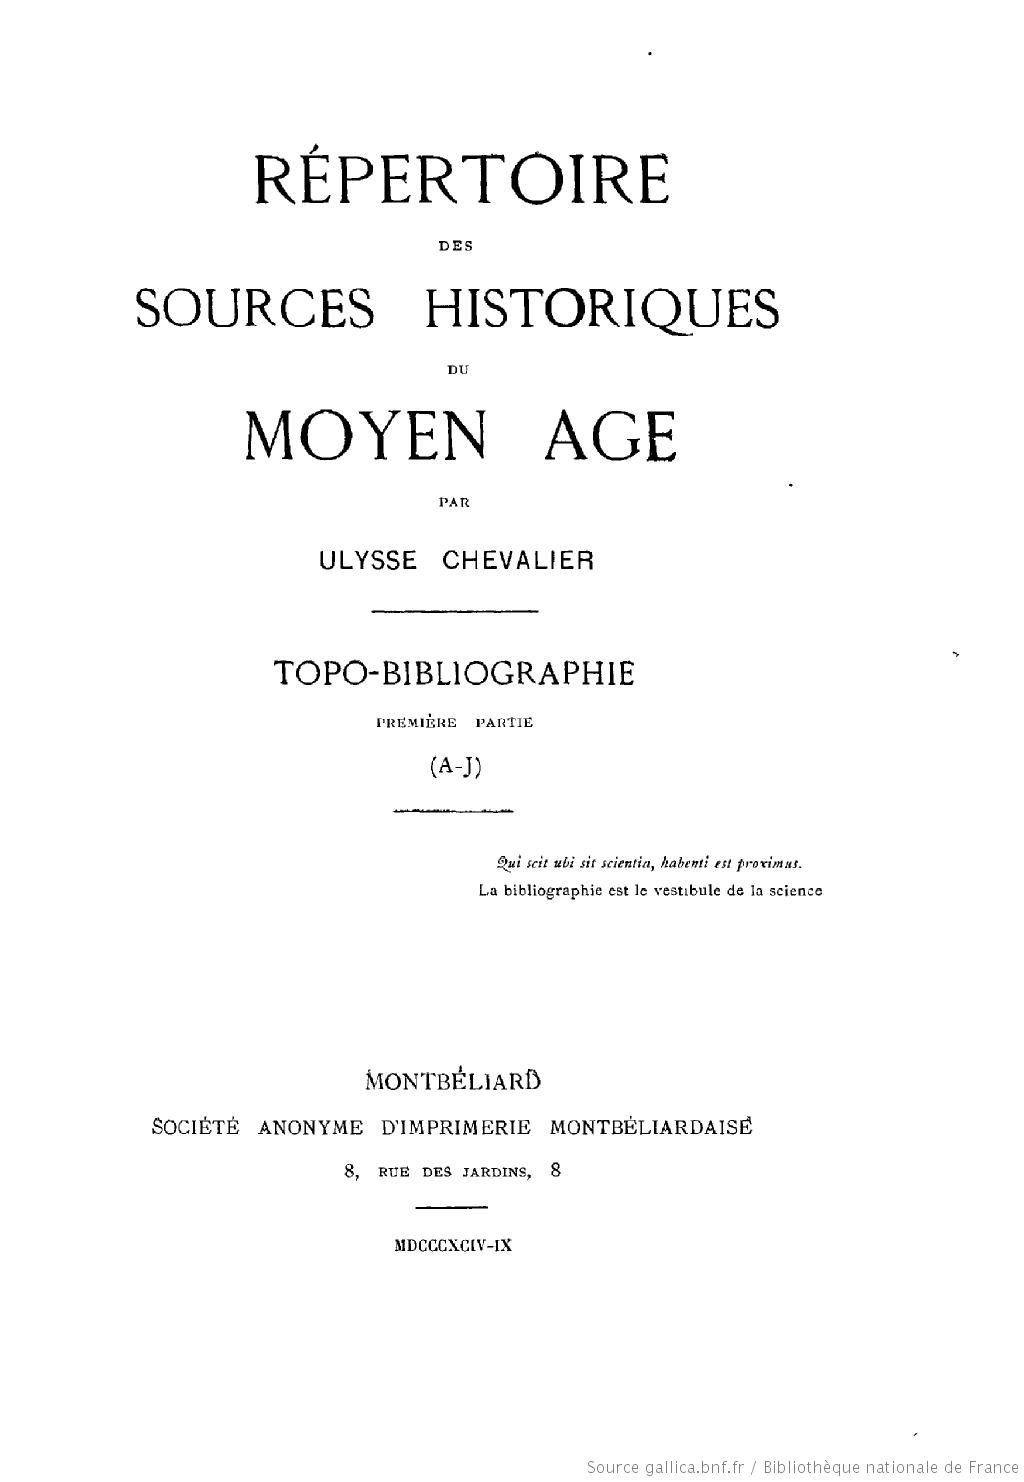 Page de titre du Répertoire des sources historiques du moyen âge : topo-bibliographie